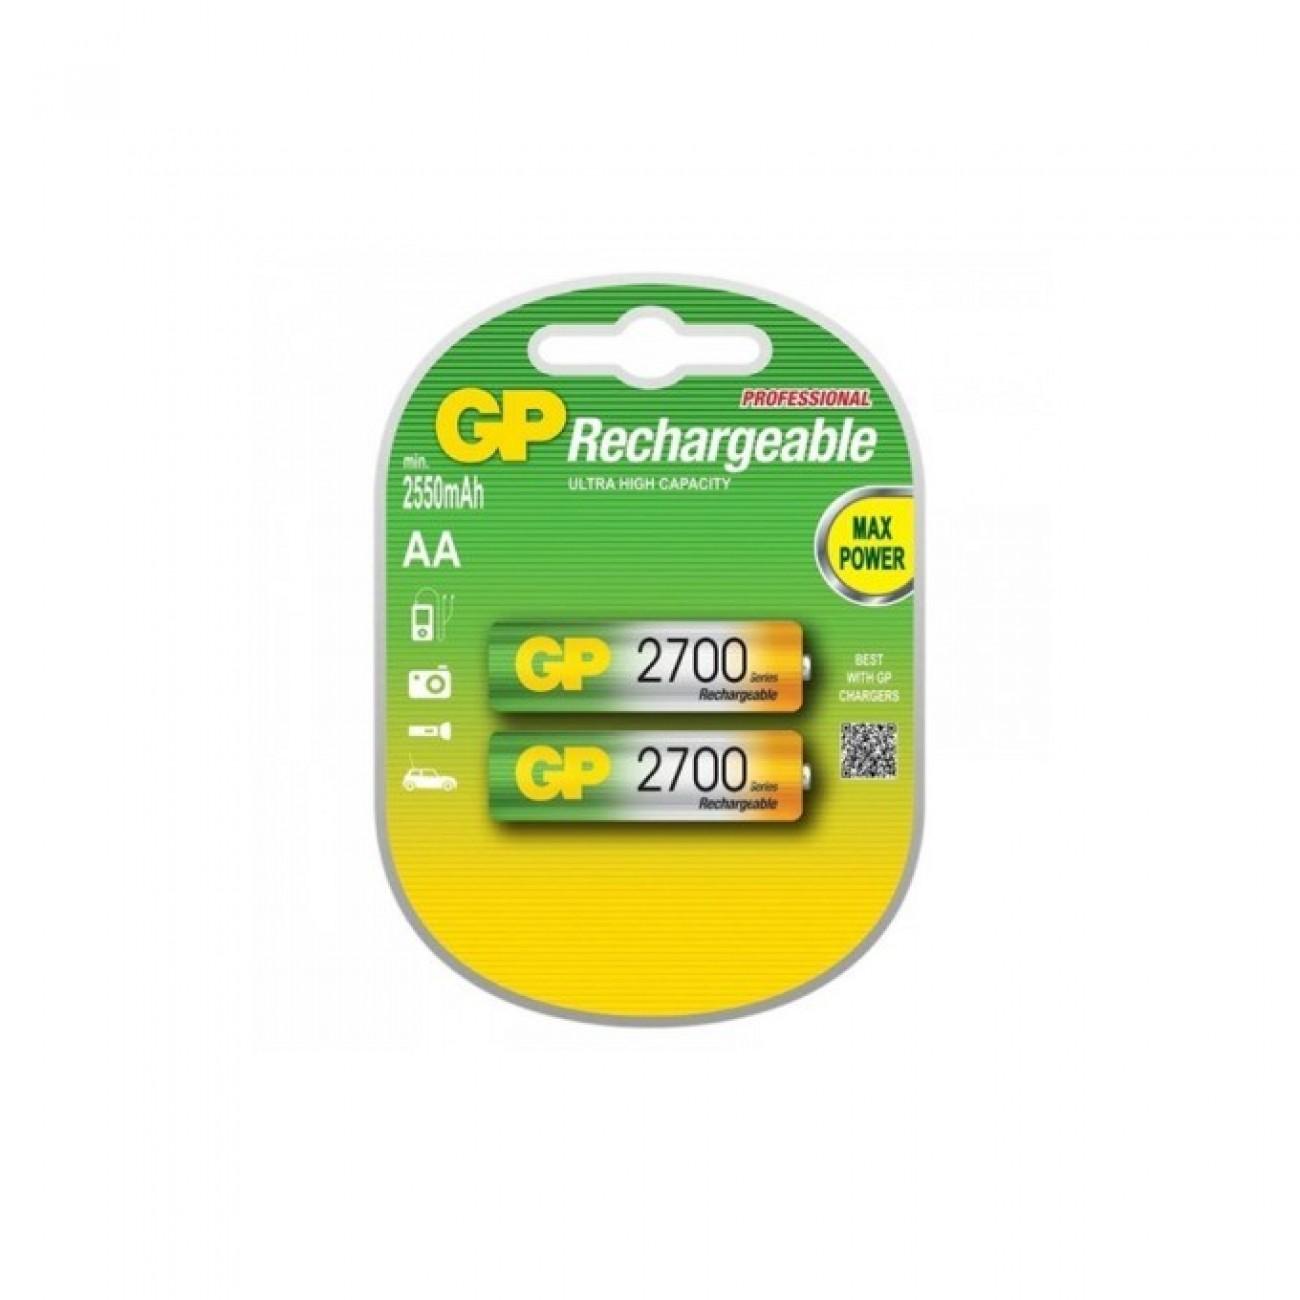 Акумулаторна батерия GP 2700AAHC-2PL2, AA, 1.2V, 2600mAh, NiMH, 2бр. в Стандартни Презареждаеми батерии -  | Alleop